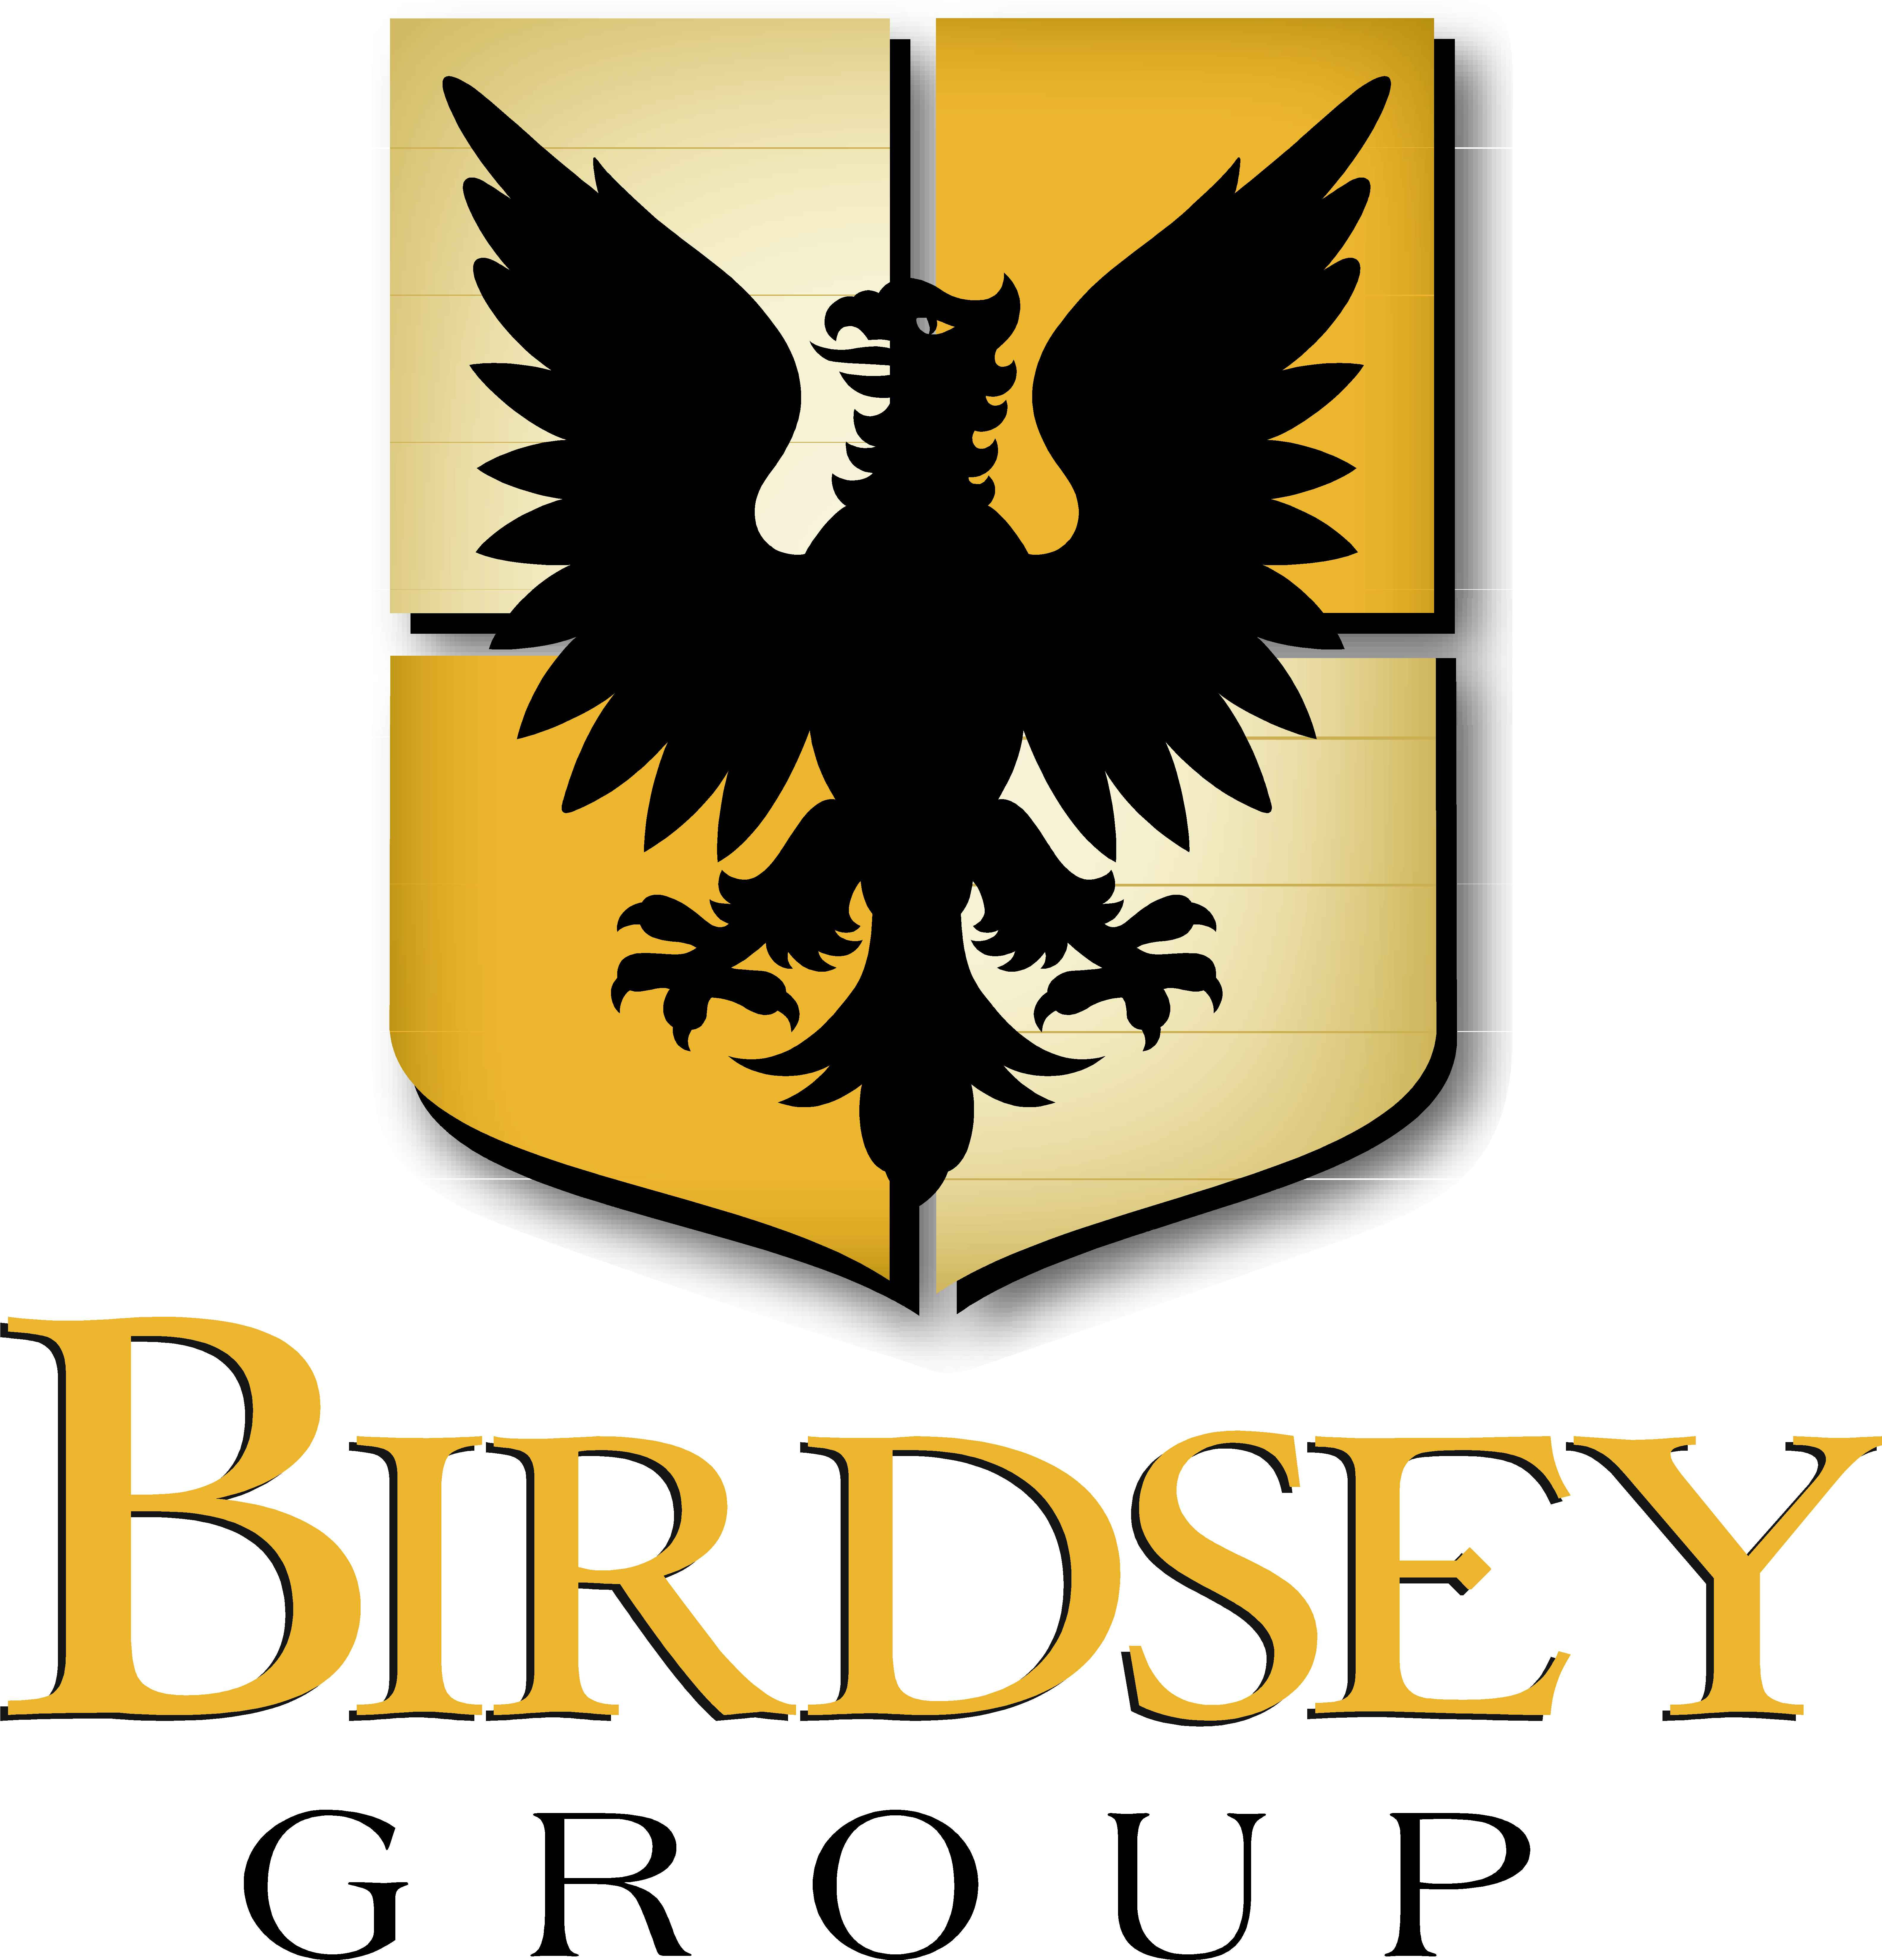 Birdsey Group